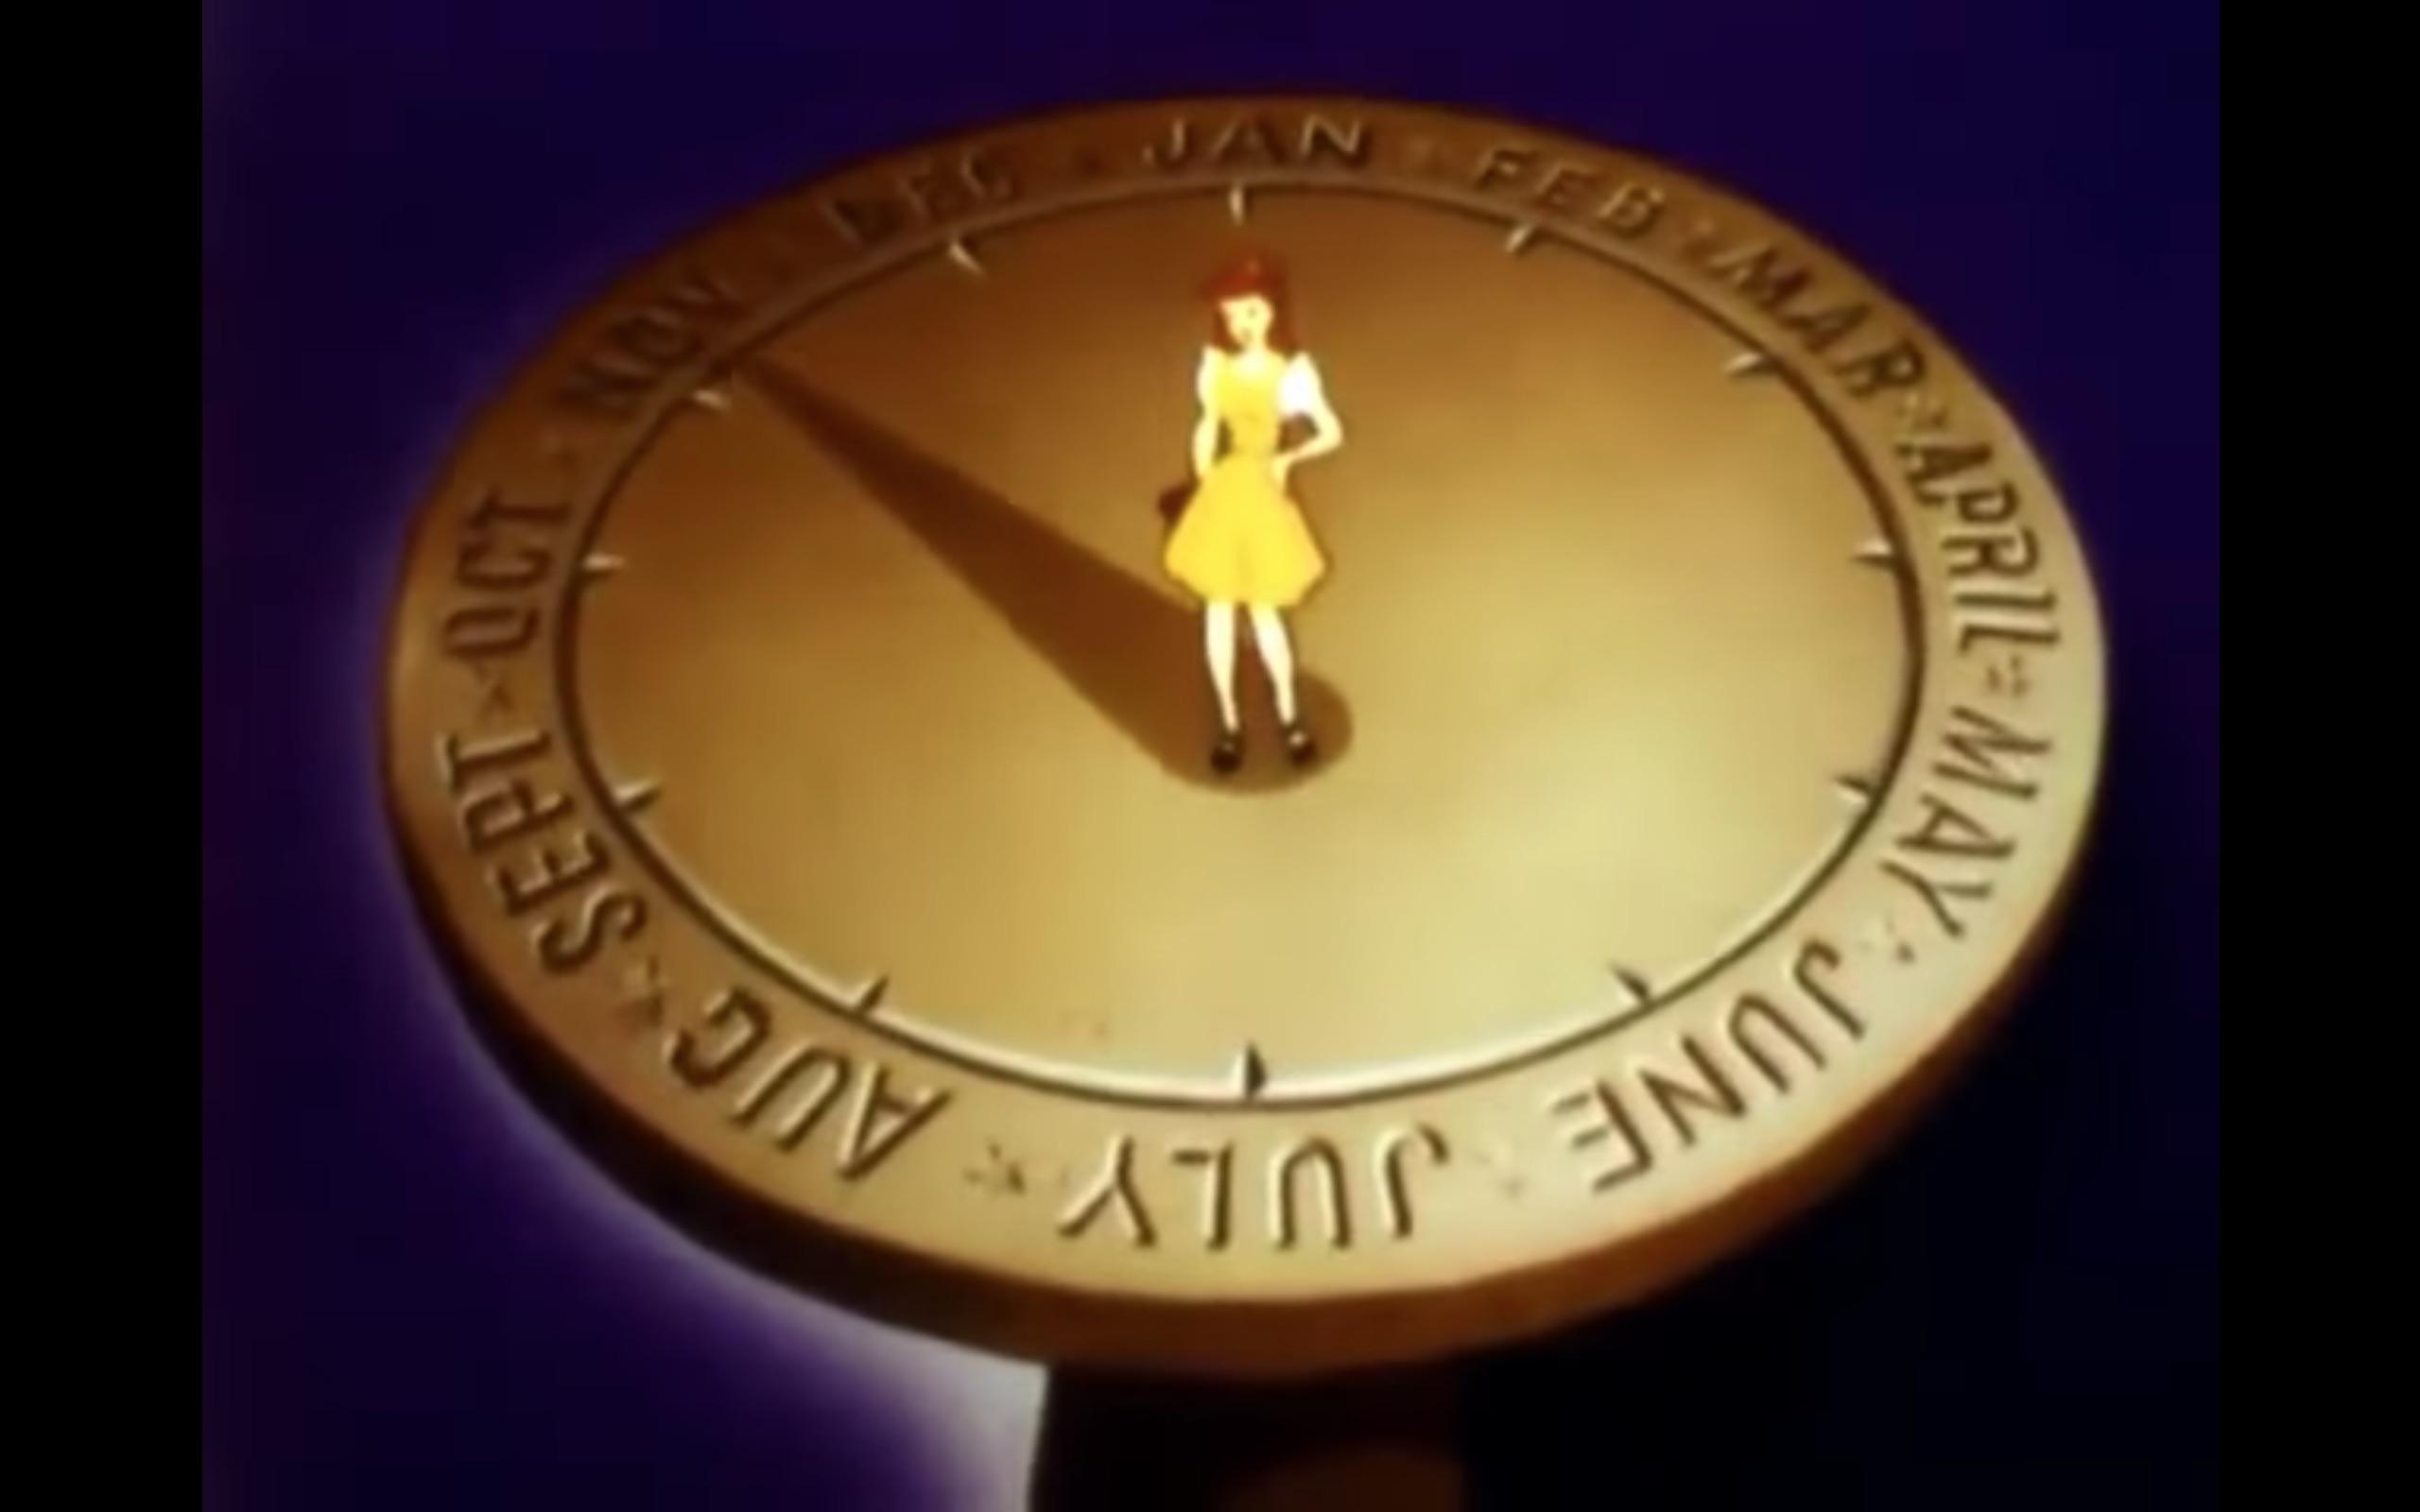 La Storia delle Mestruazioni, il cartone Disney in cui si spiega il ciclo